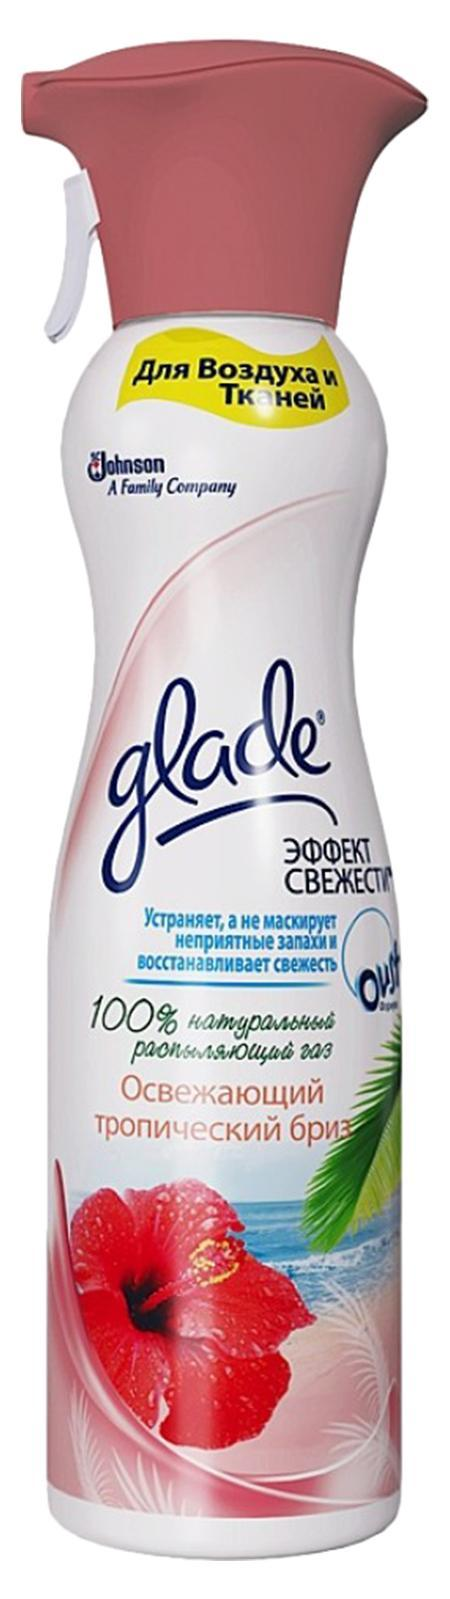 Содержит 100% натуральный распыляющий газ. Устраняет,а не маскирует неприятный запахи и восстанавливает свежесть. Имеет большую линейку восхитительный ароматов. Имеет премиальный внешний вид и может быть использован в любом жилом помещении. Подходит для воздуха и тканей.